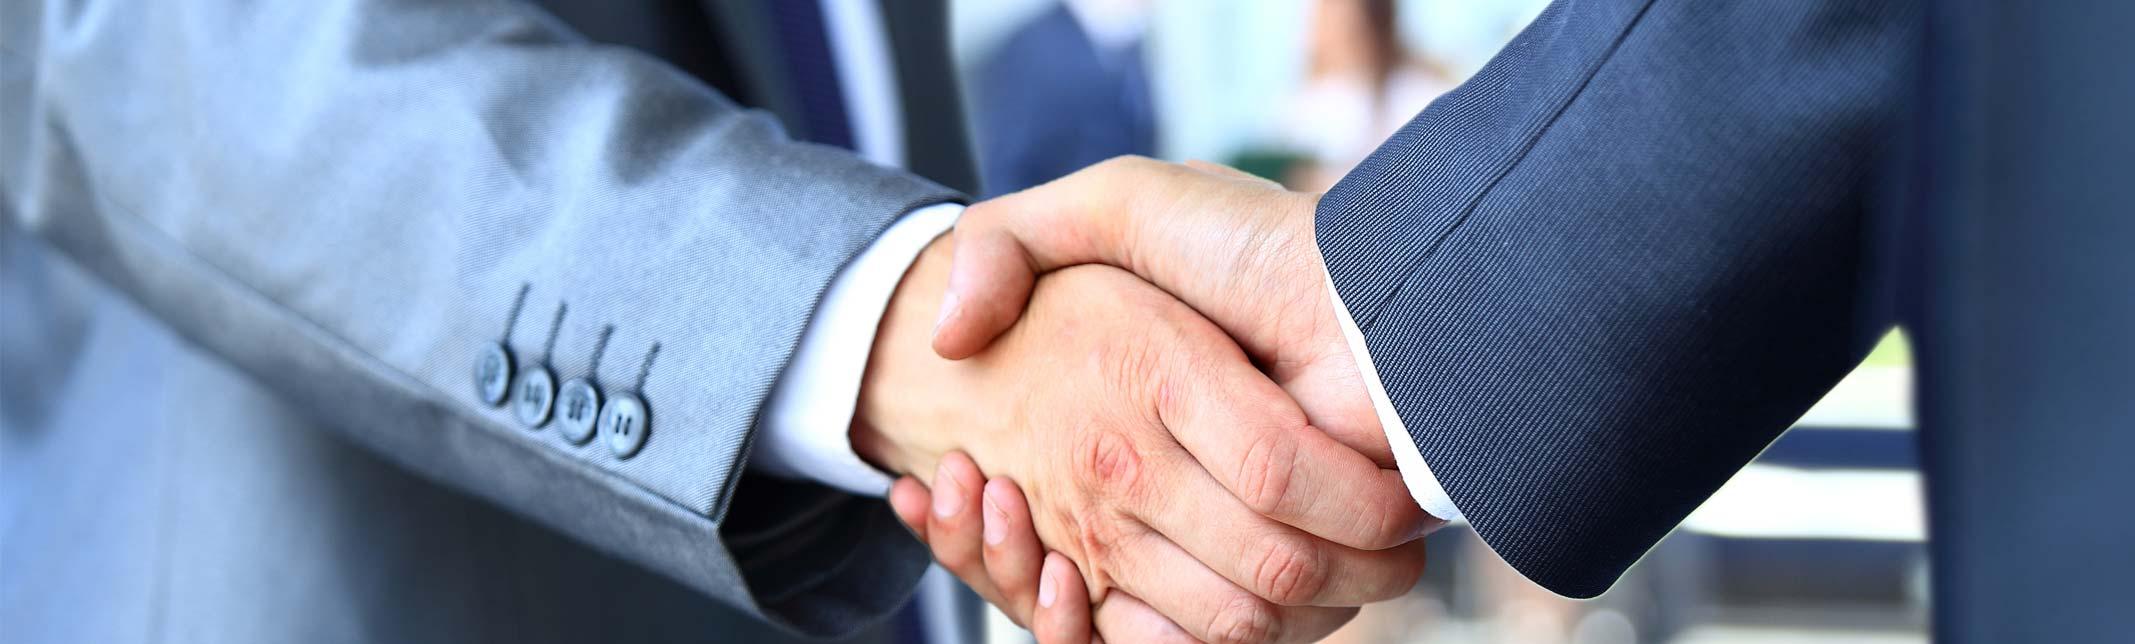 ZARPH fecha negócio com o banco alemão PROCREDIT